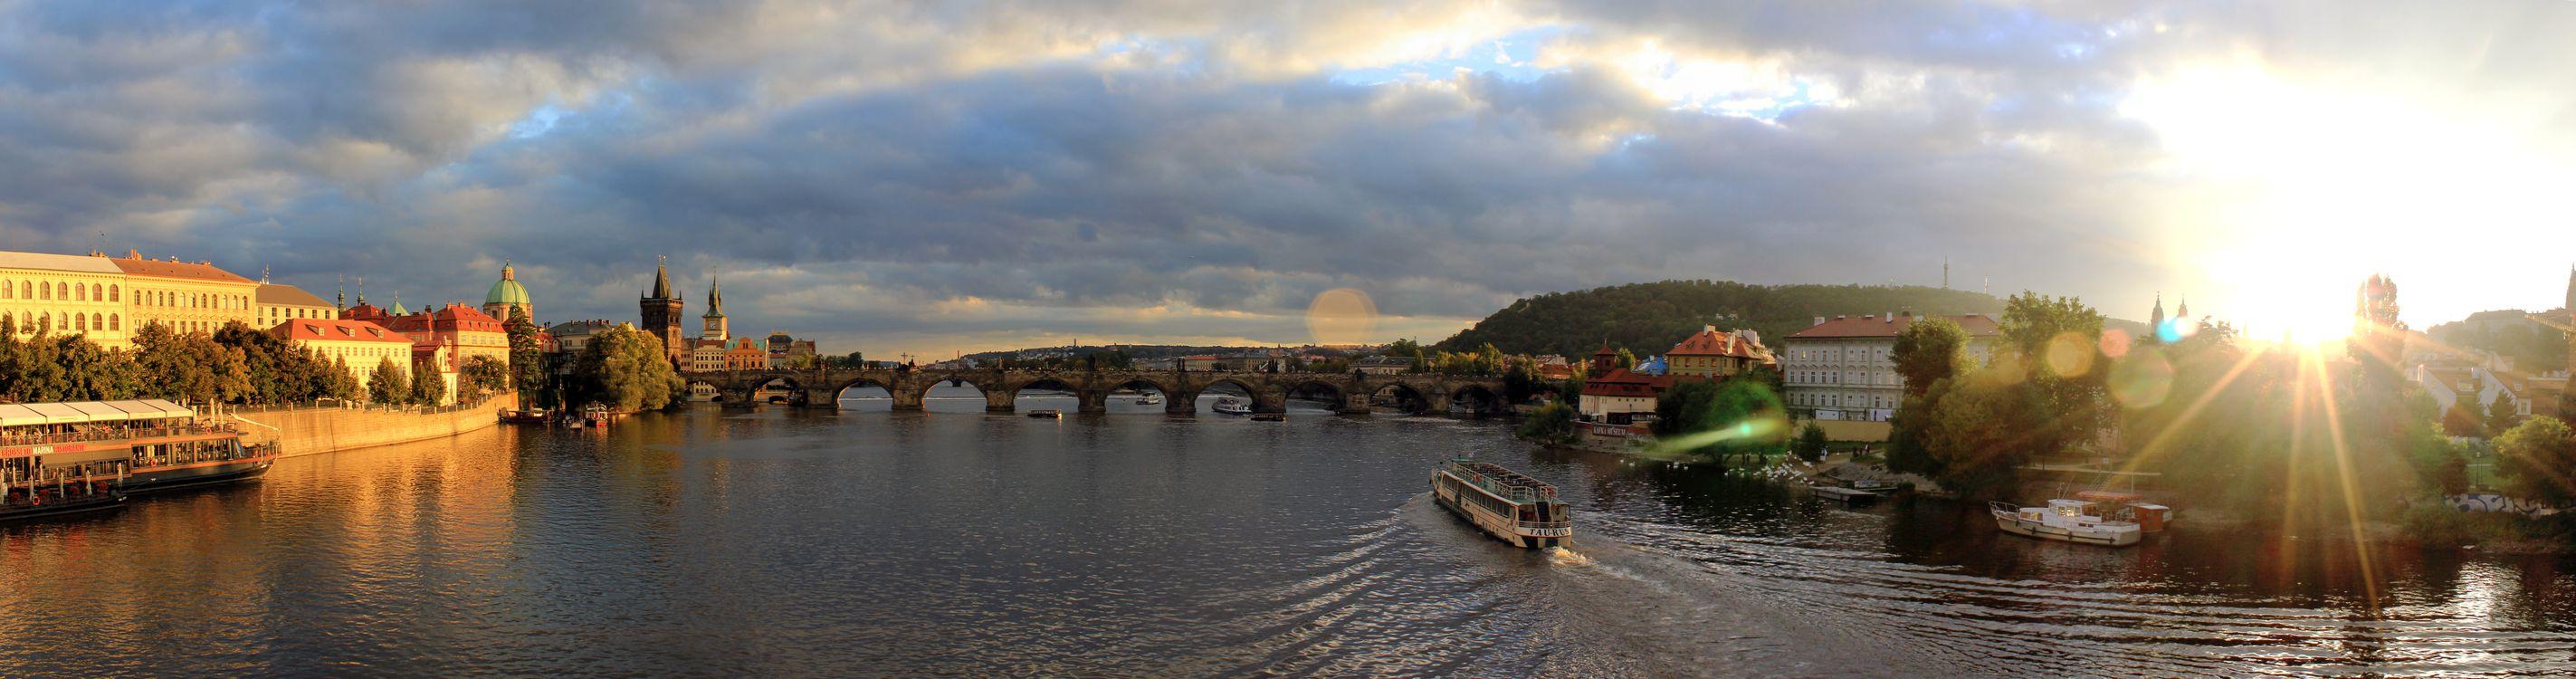 Фото бесплатно Прага, Чехия, панорама - на рабочий стол